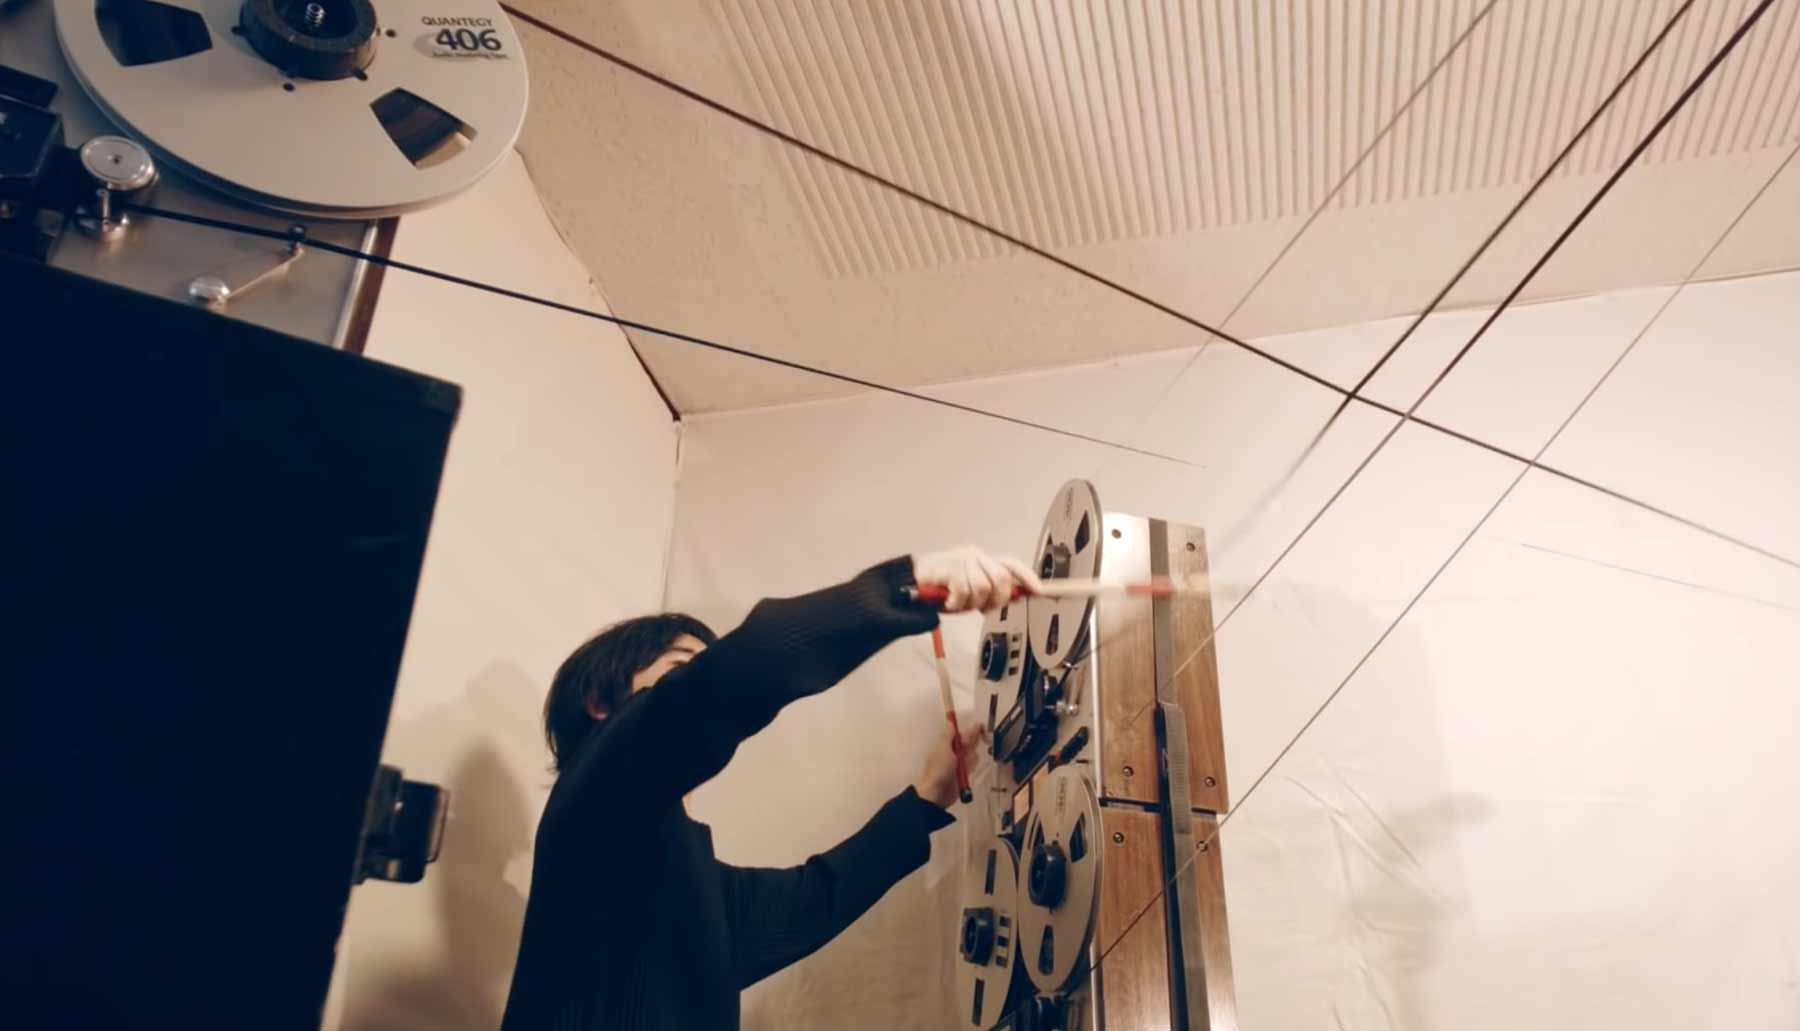 Wortwörtlich auf Tapes Schlagzeug spielen tape-tapping